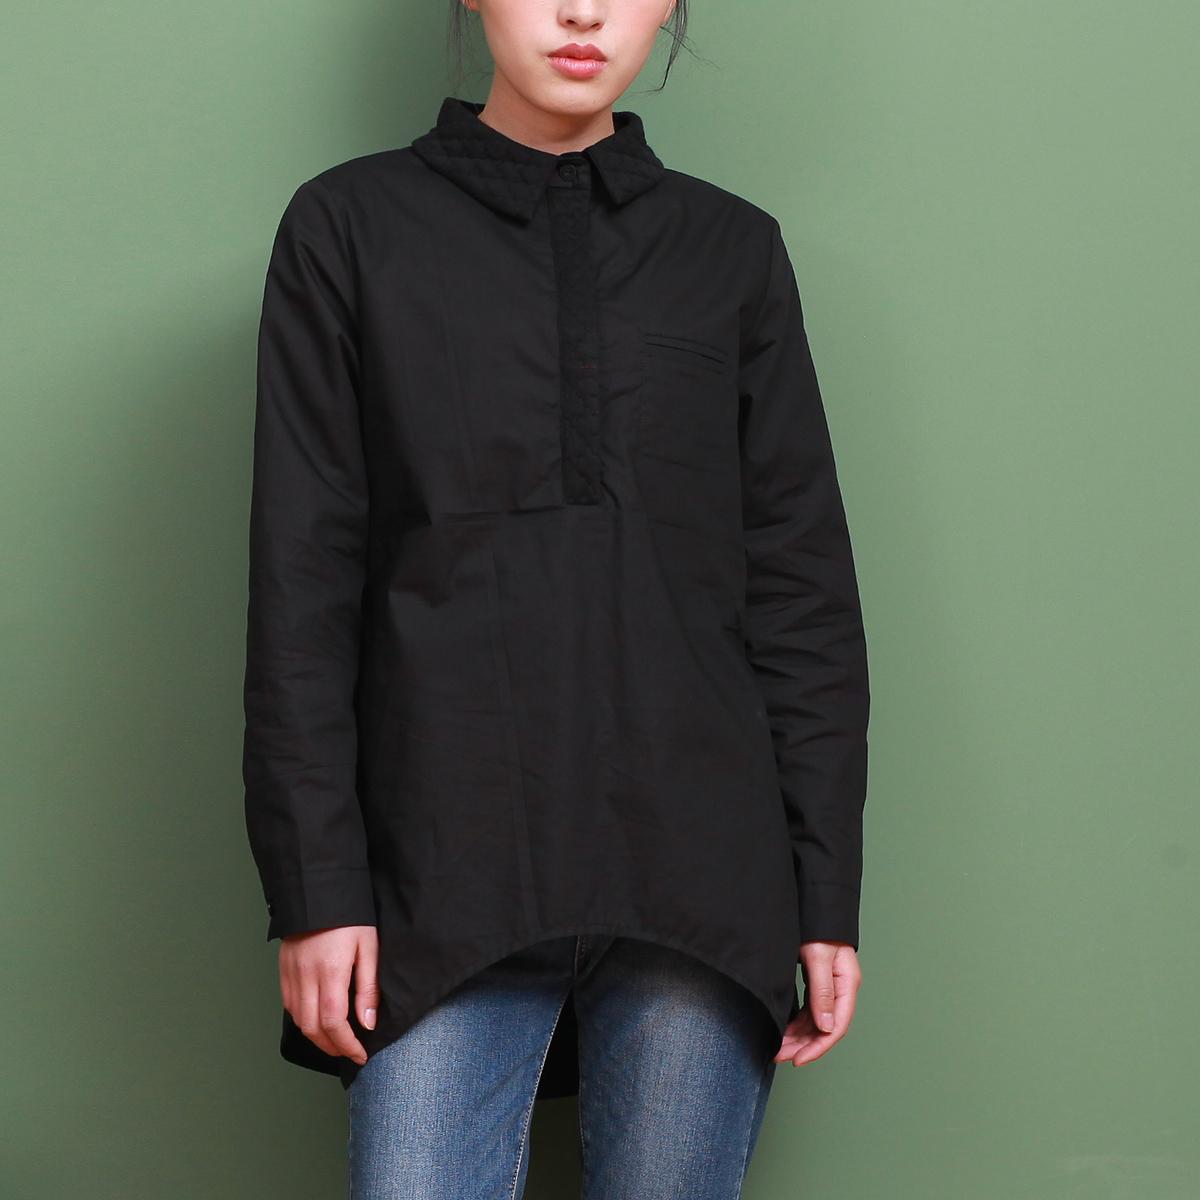 женская рубашка Of e/ZY 115827 EZY Mm co e [co e ]skinbeauty 150ml